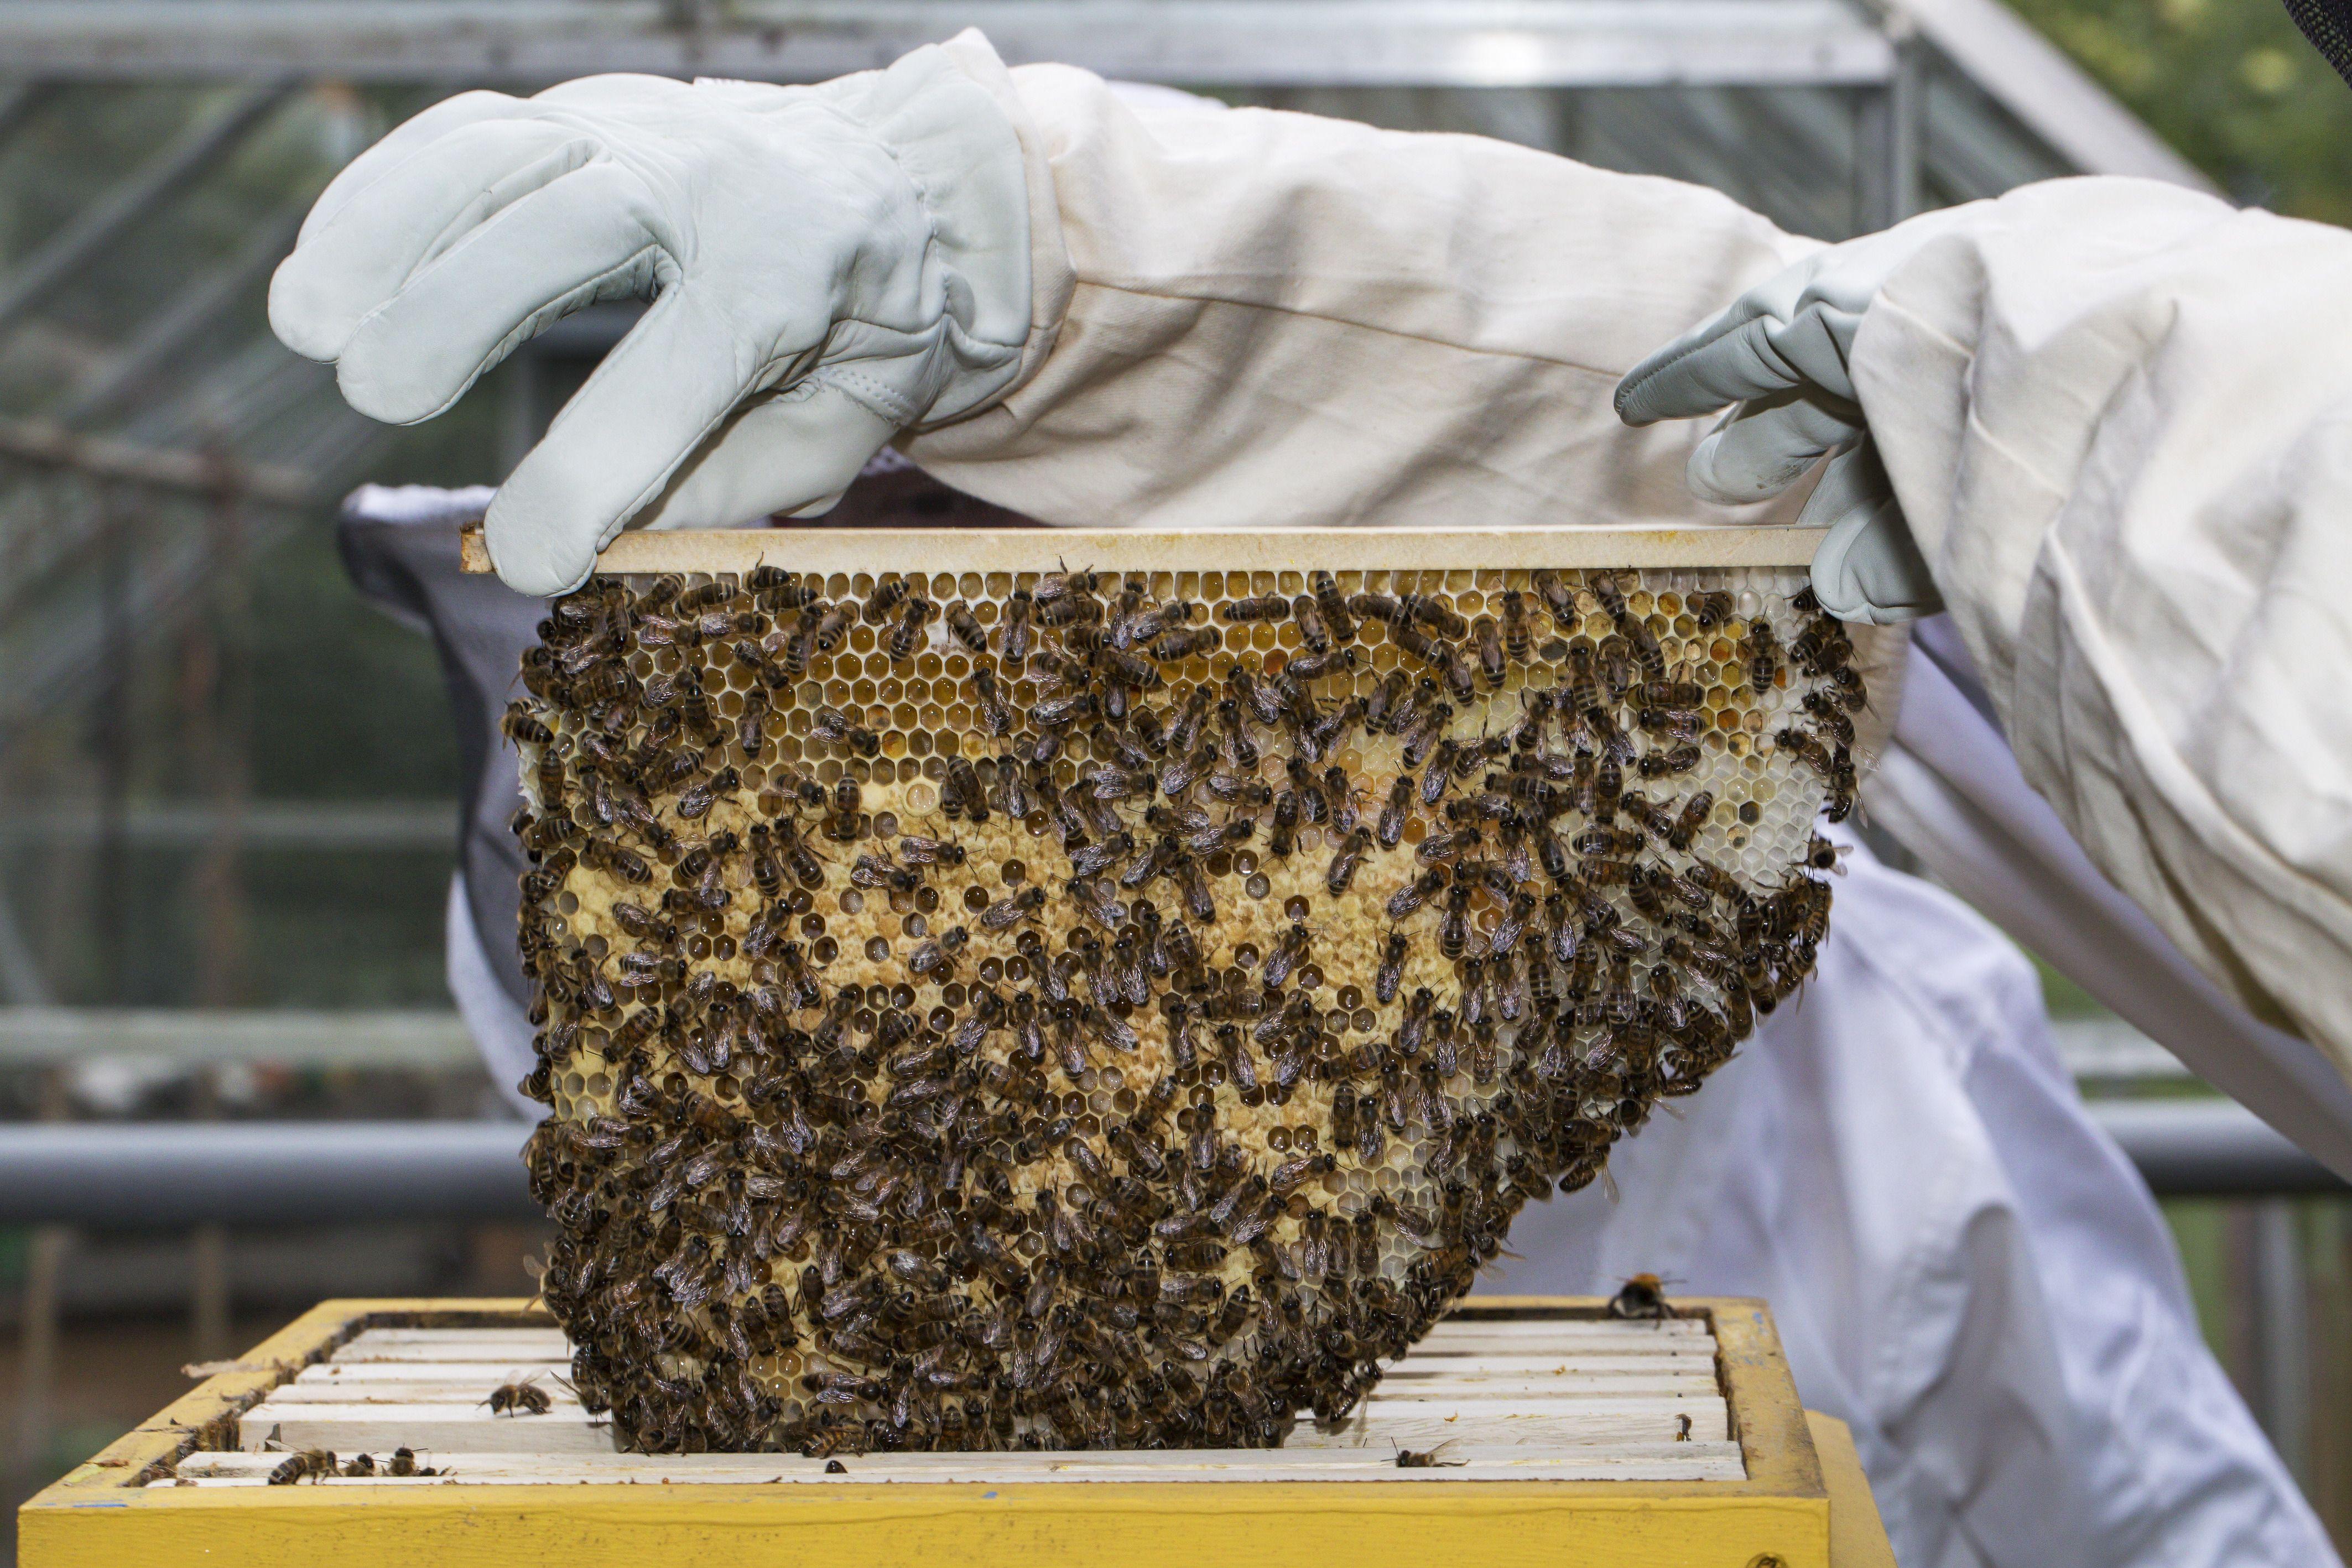 USDA suspends honeybee colony research - Axios